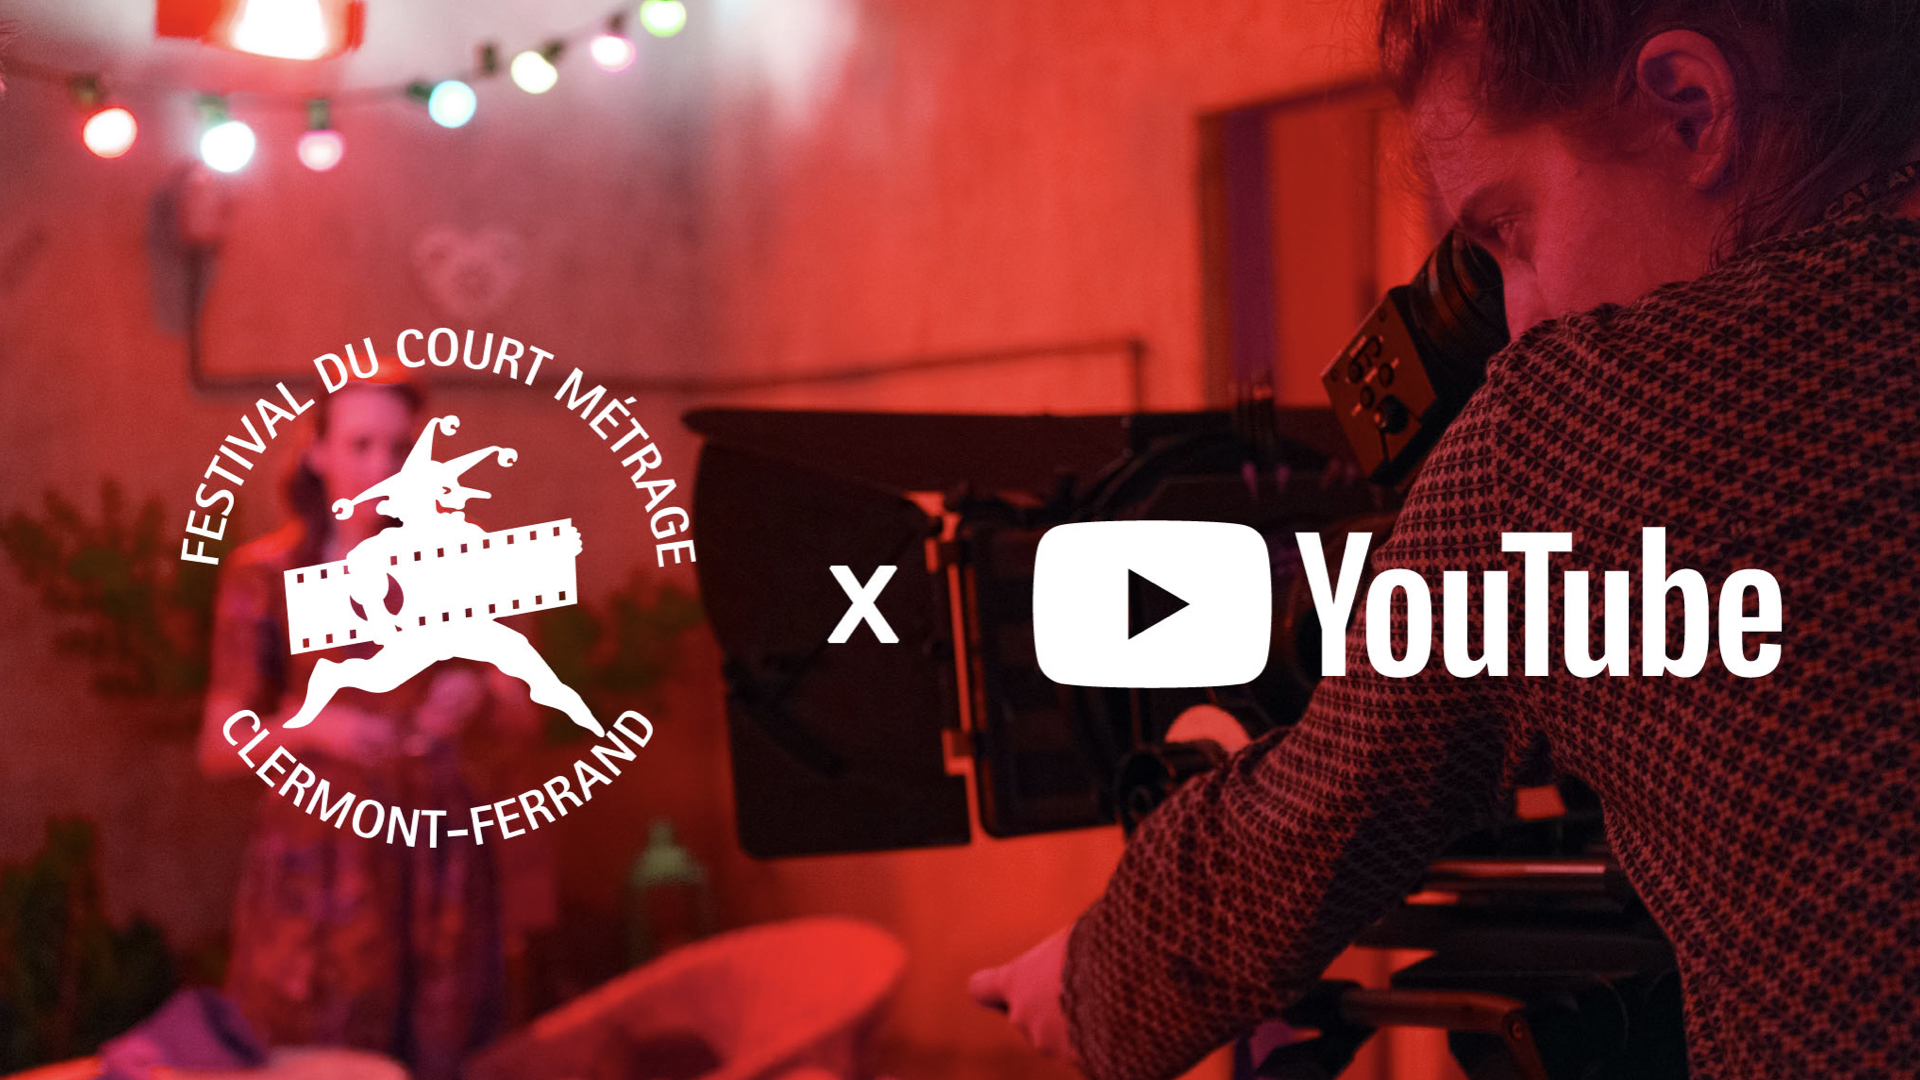 Clermont et YouTube ouvrent une nouvelle fenêtre pour distinguer des courts issus du Web